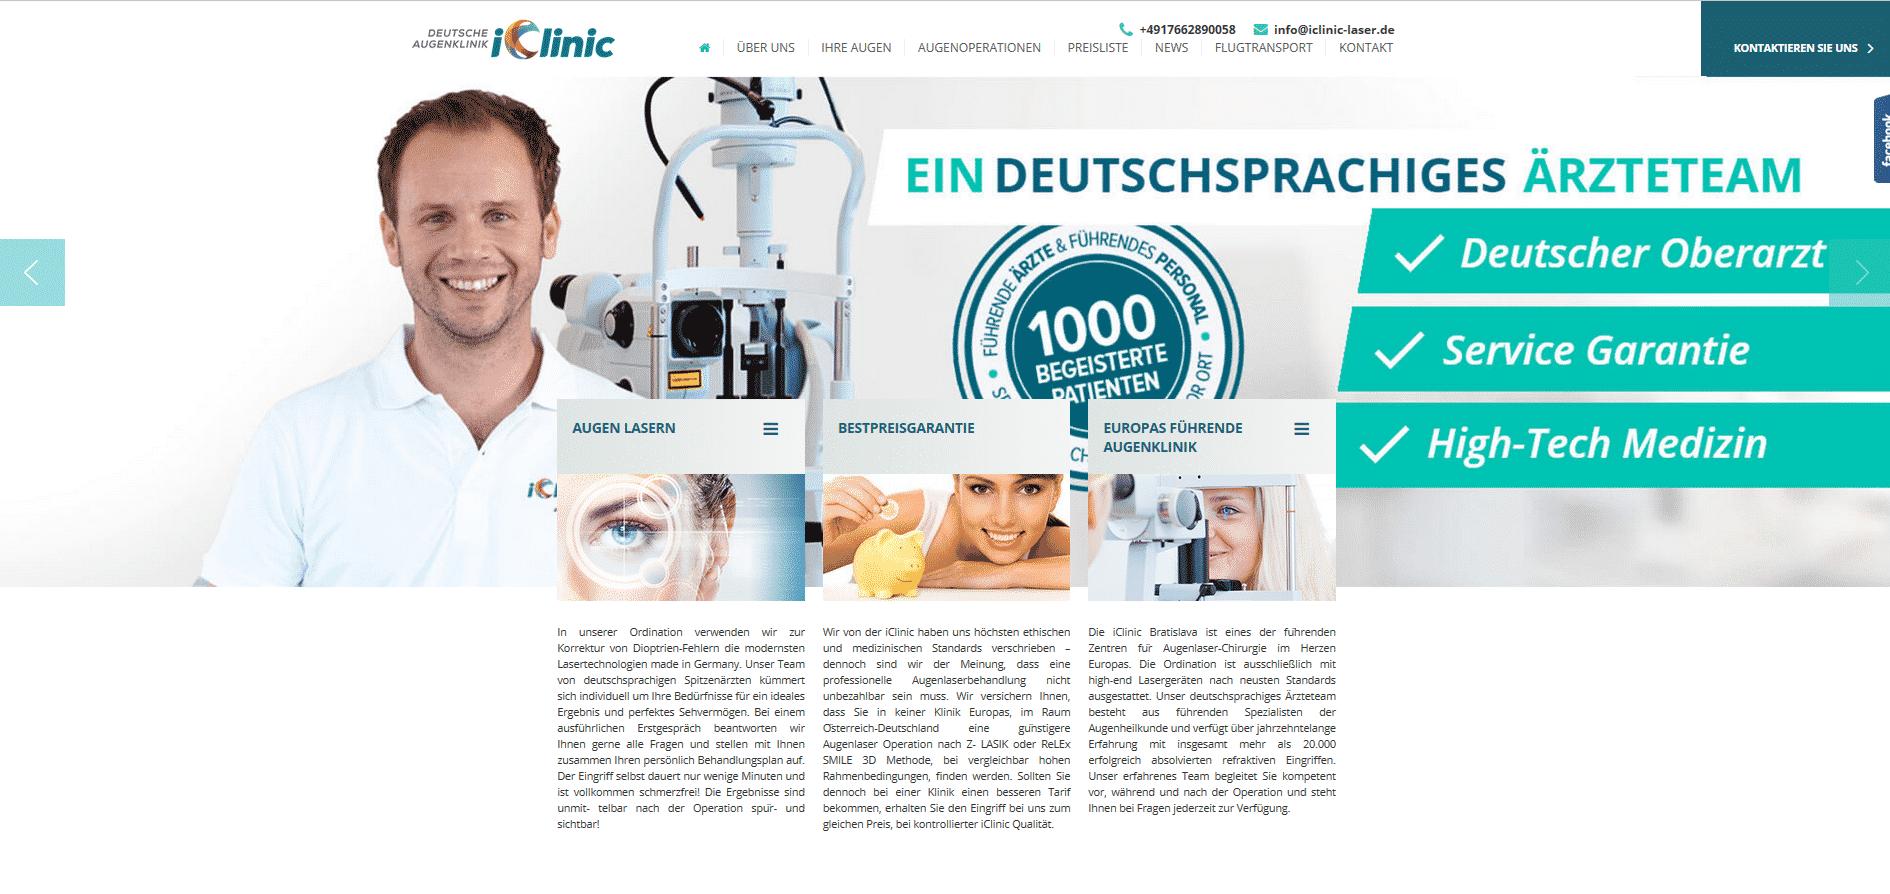 iClinic Bratislava: Erfahrung mit Kosten beim Augenlasern mit iClinic